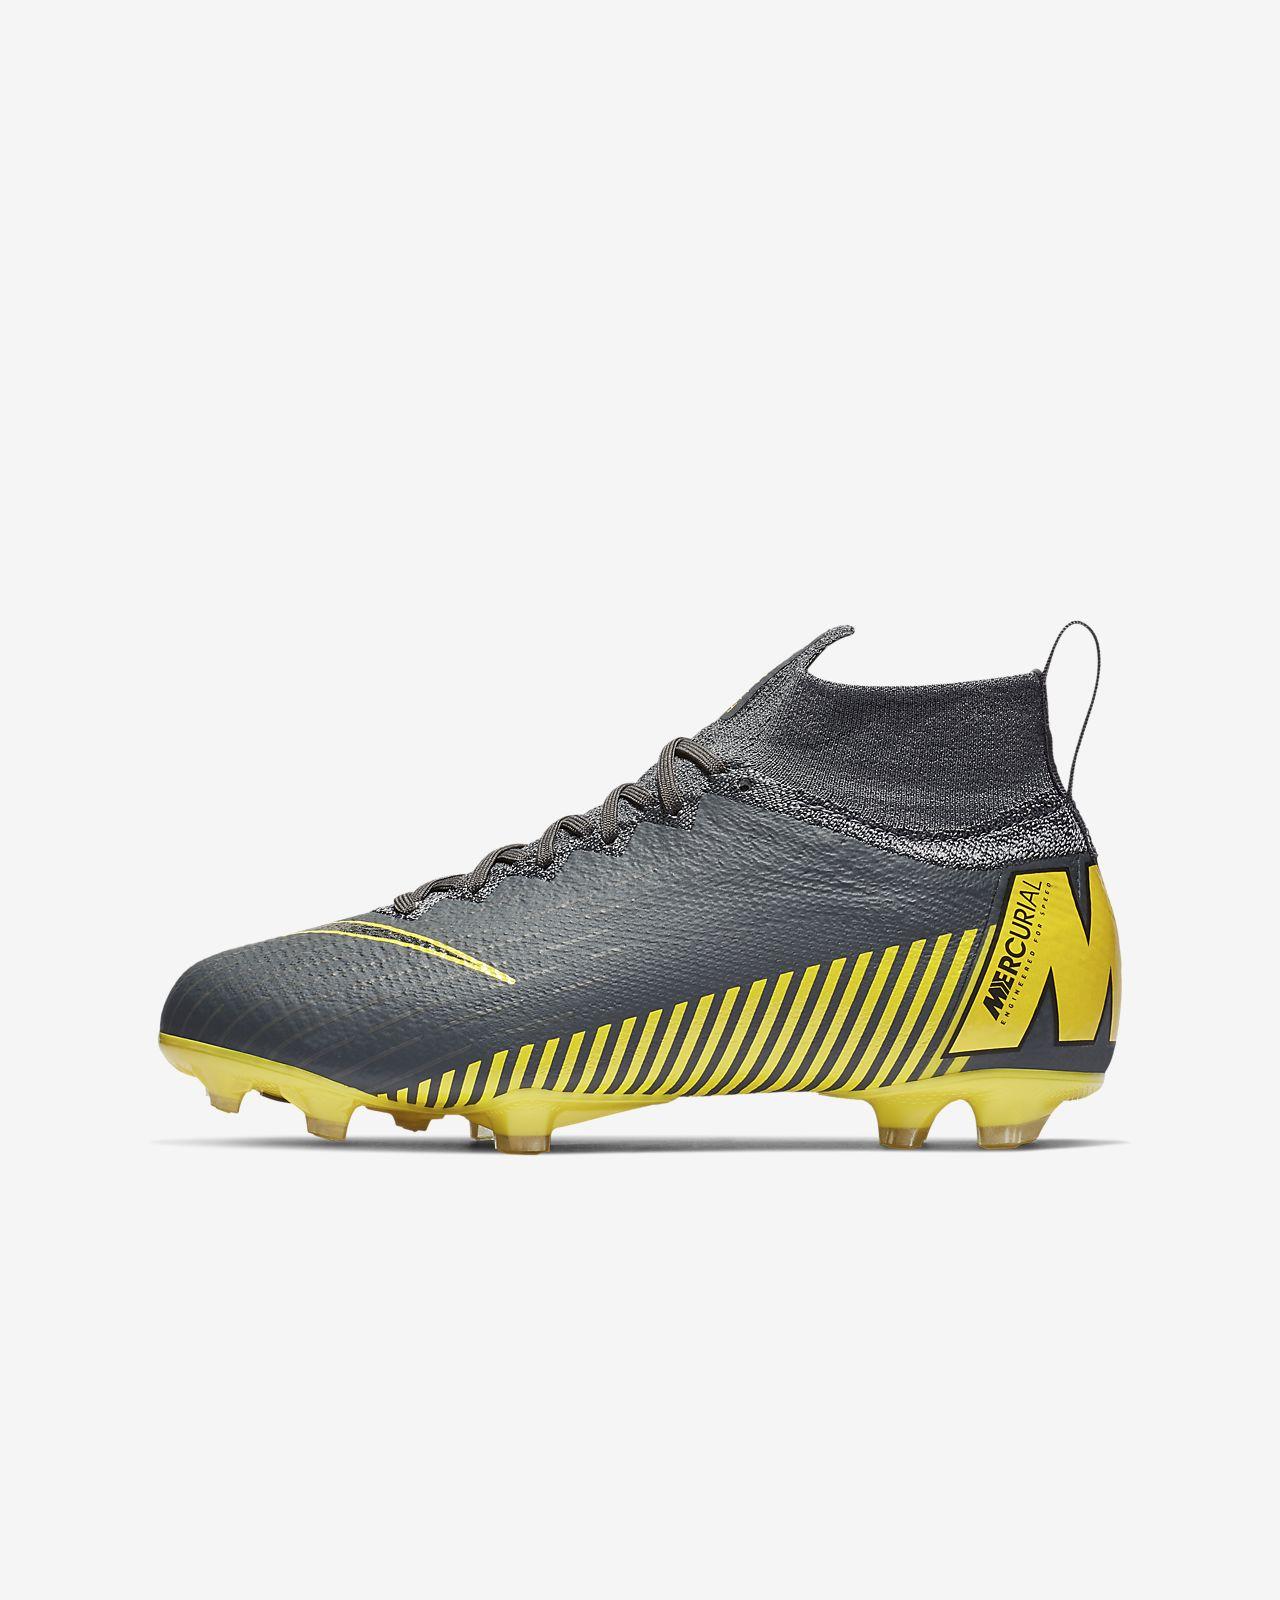 Nike niños fútbol para talla para Jr firme terreno grande Calzado de  wzxCa6qqY 21190bb44da75